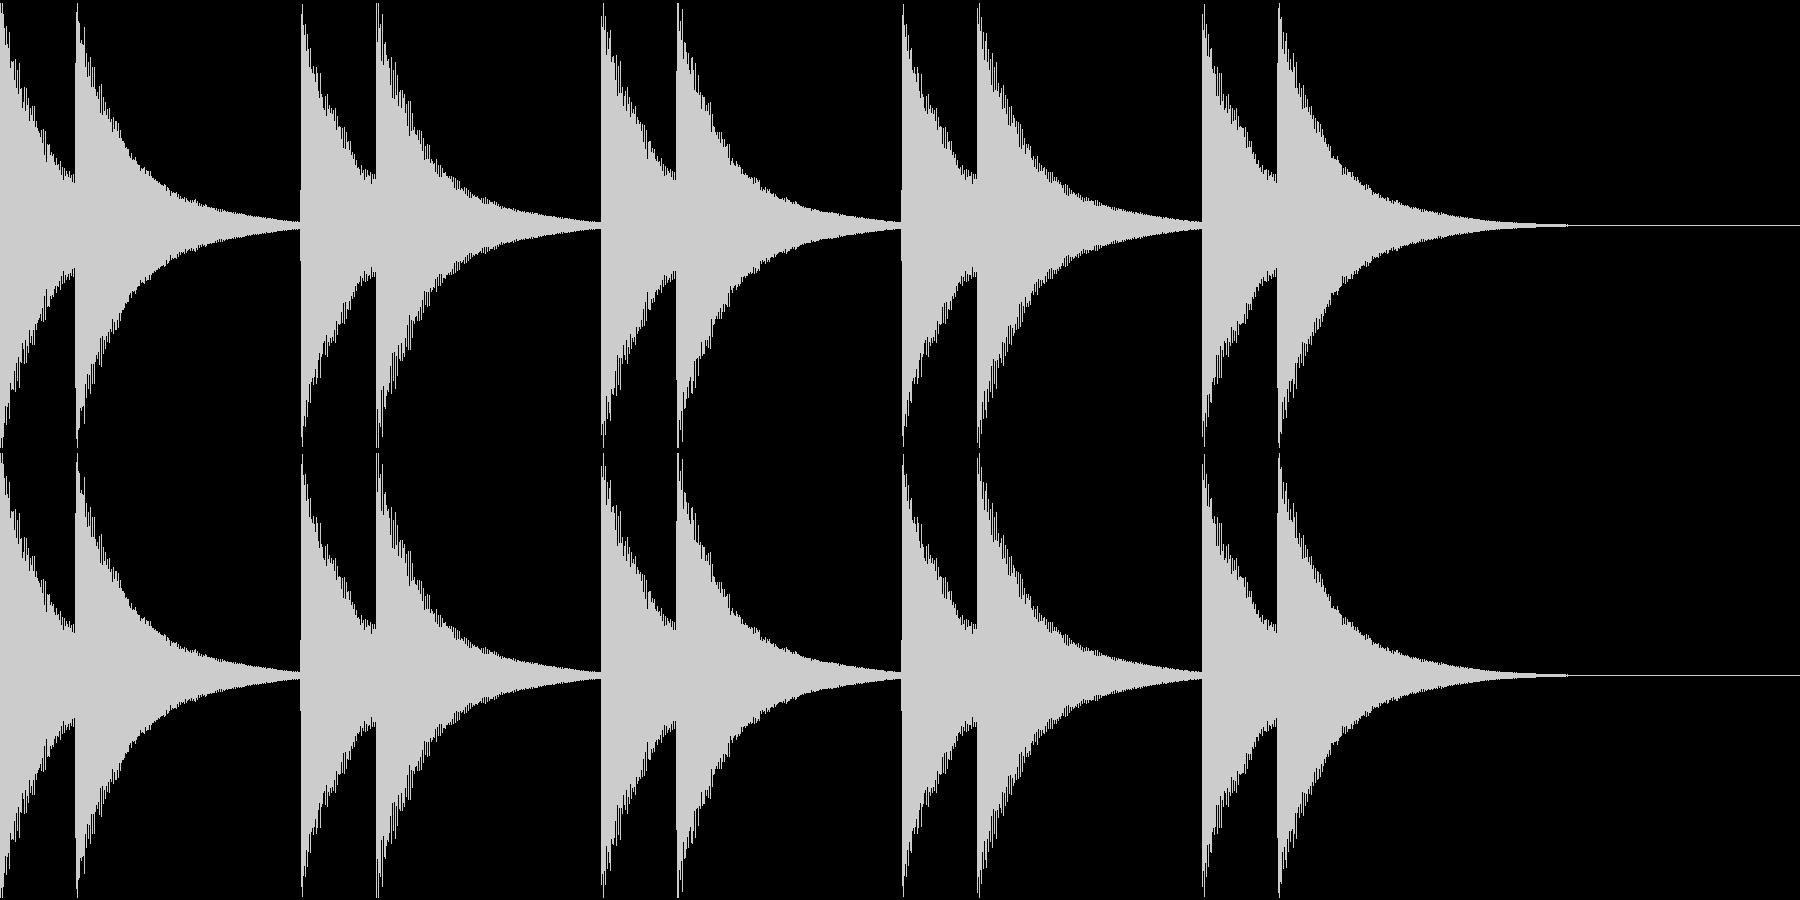 カーンカーン。カーンカーン☆鎮魂の鐘の未再生の波形